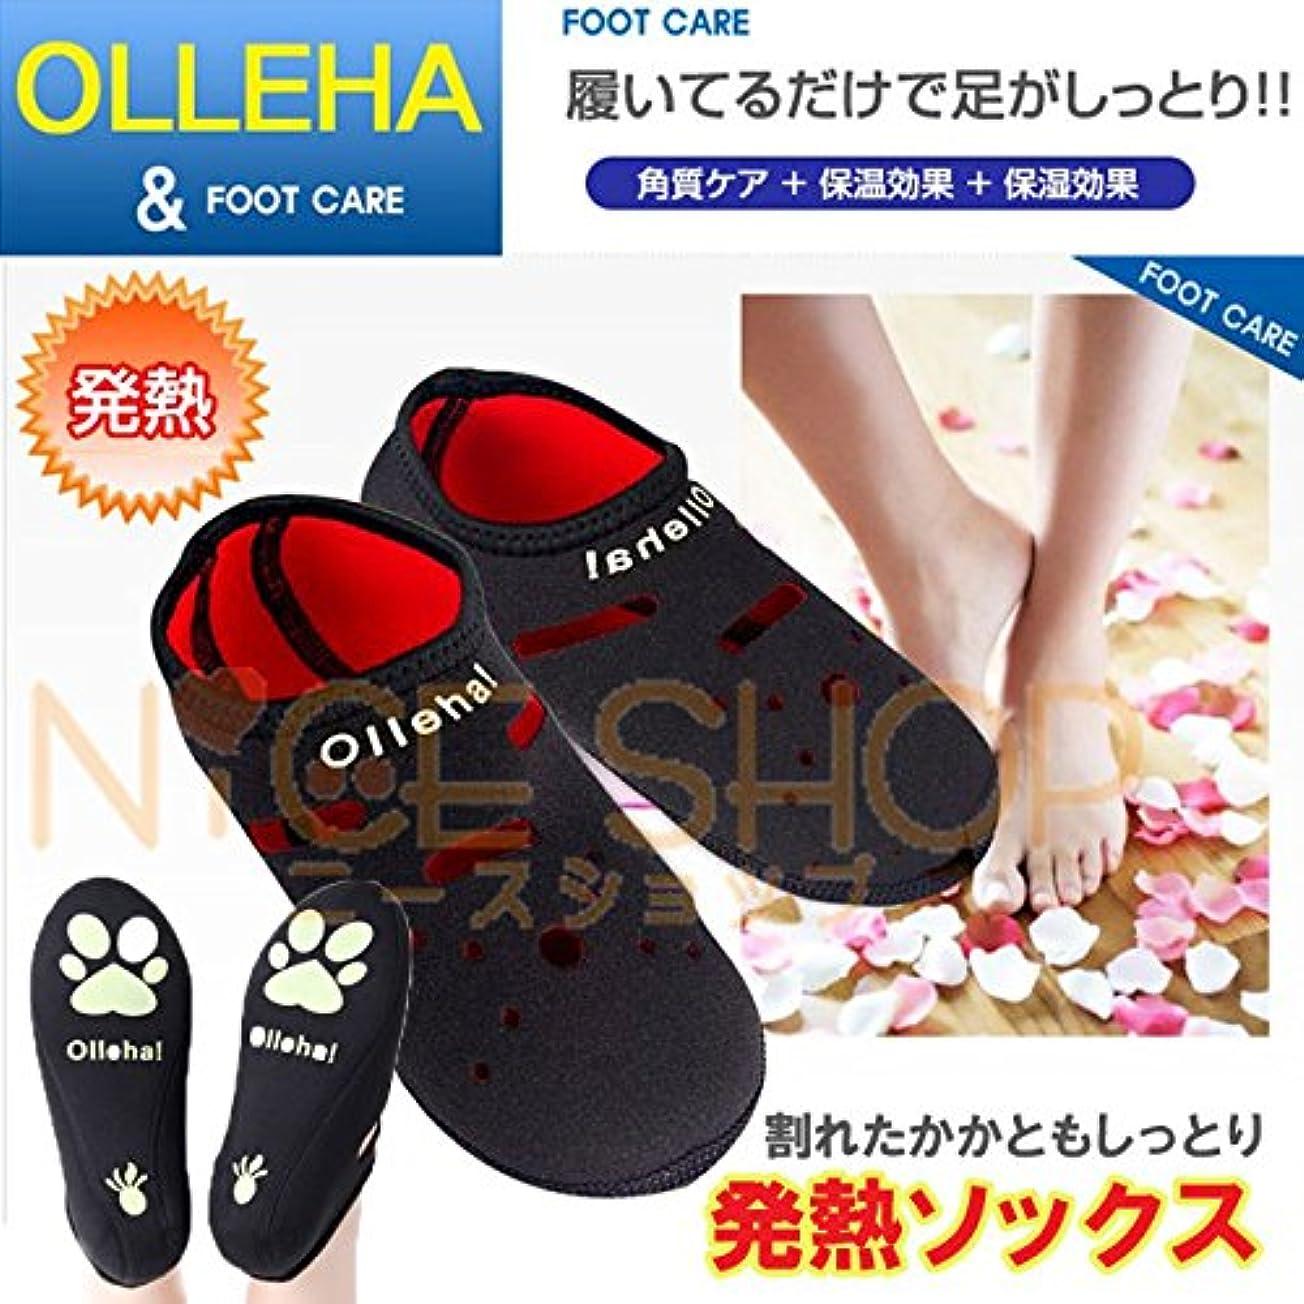 負担鼓舞する肥料発熱靴下(足袋)発熱ソックス、フットケアー Olleha! (L(25.0~27.5))